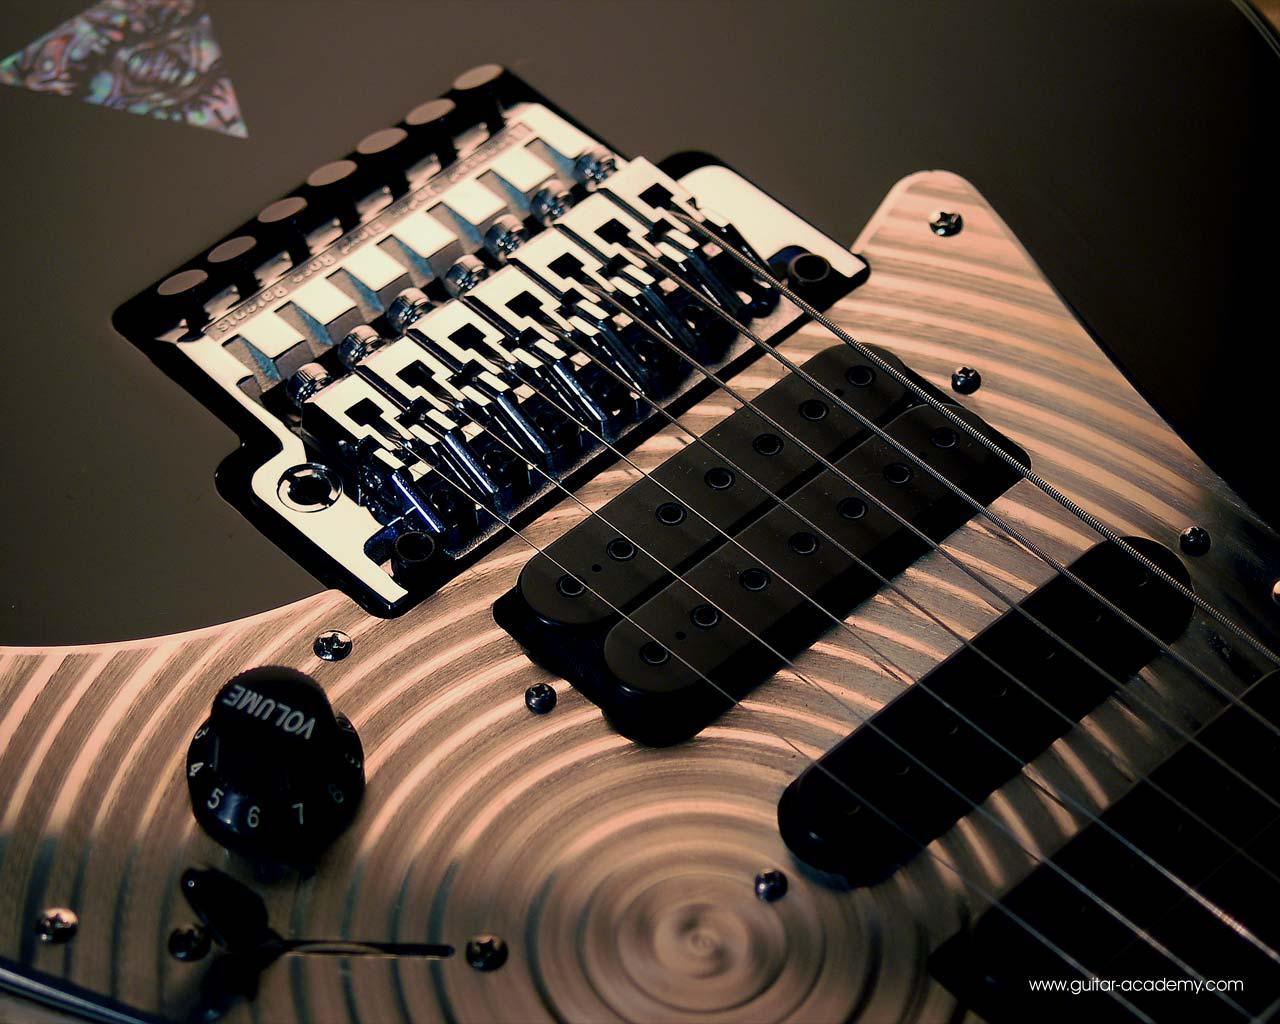 ibanez guitar wallpaper hasso 1280x1024